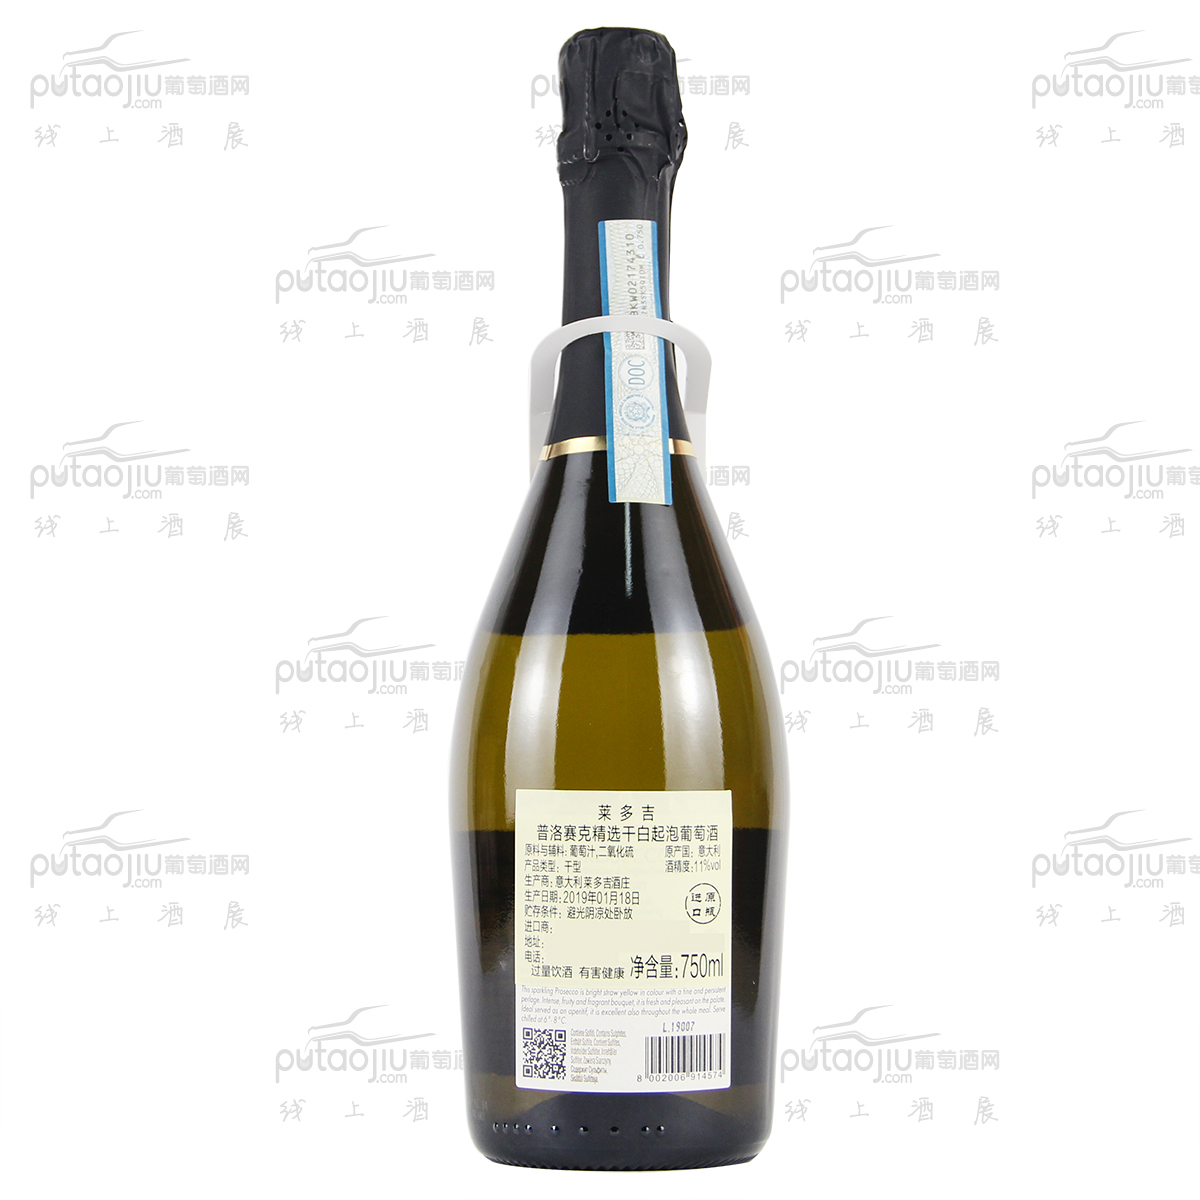 意大利弗留利莱多吉酒庄普洛赛克格雷拉精选DOC起泡白葡萄酒